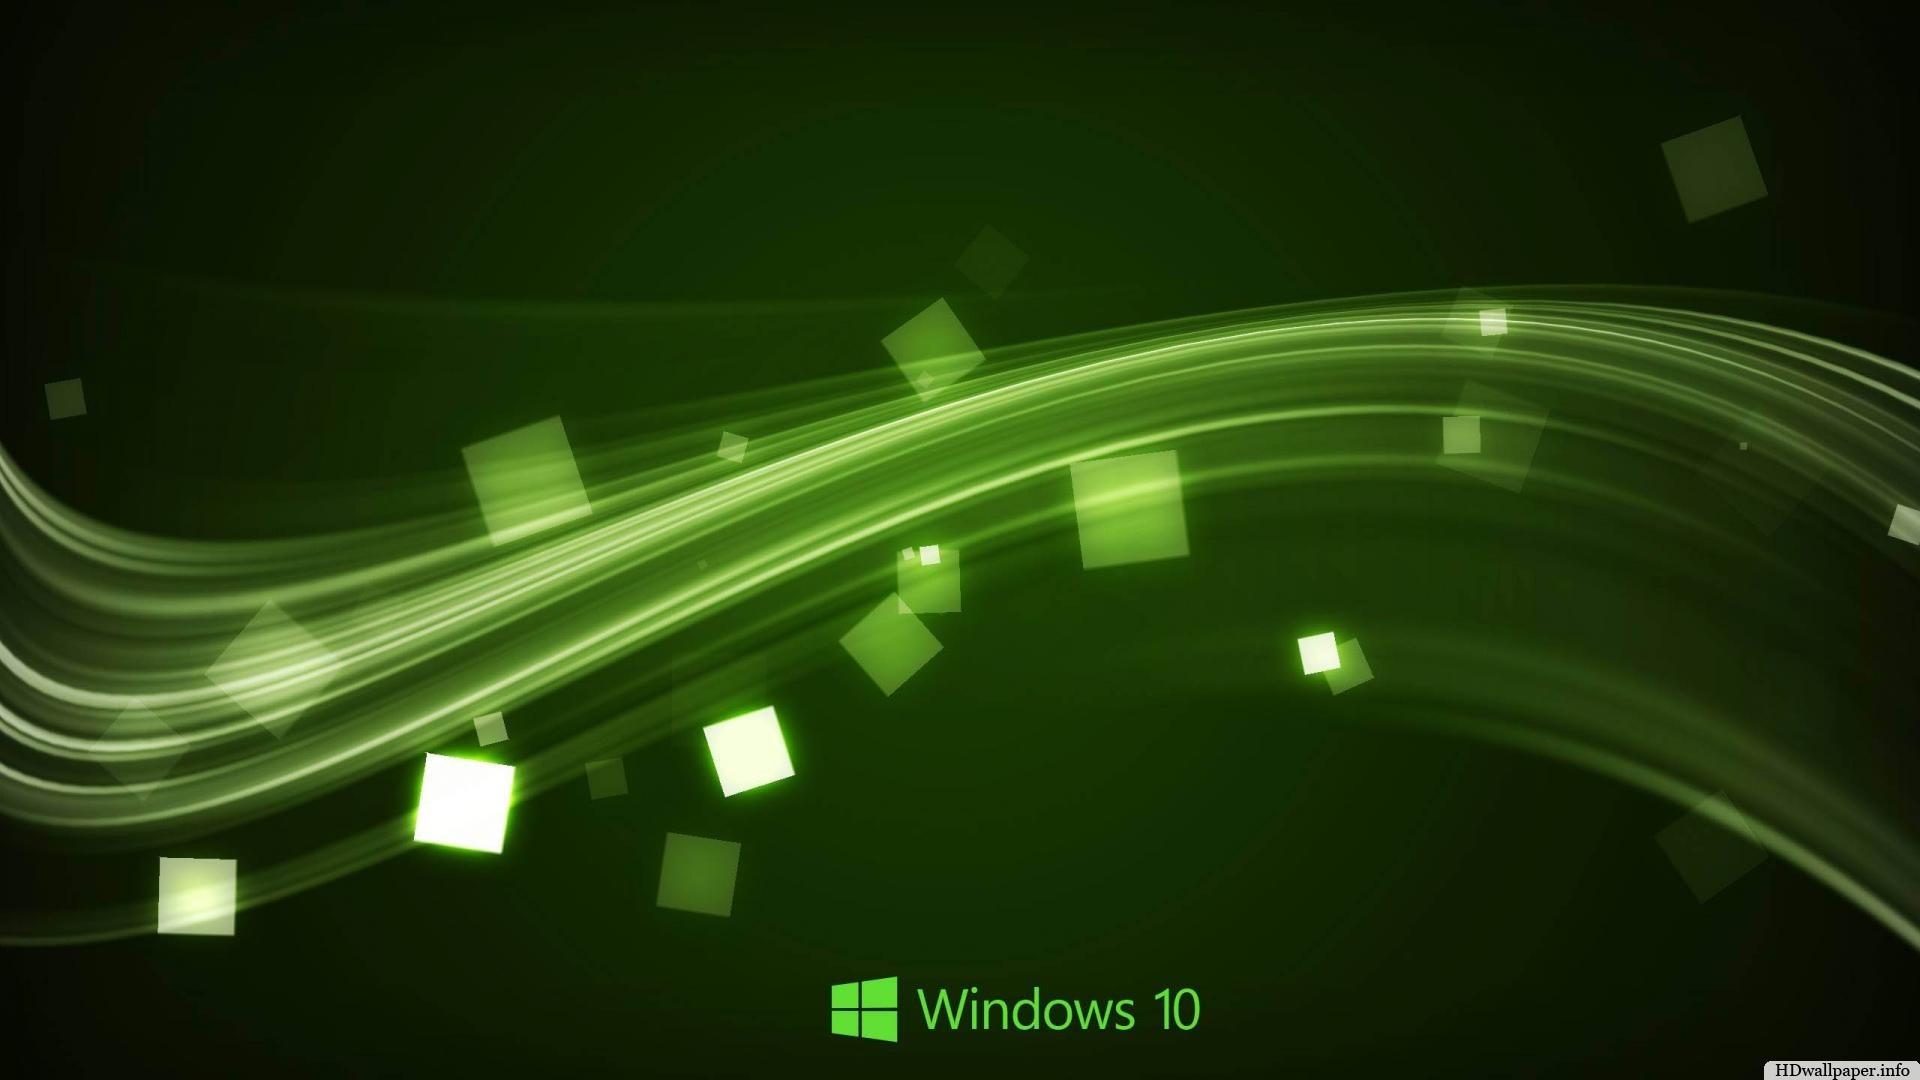 windows 10 wallpaper hd – https://hdwallpaper.info/windows-